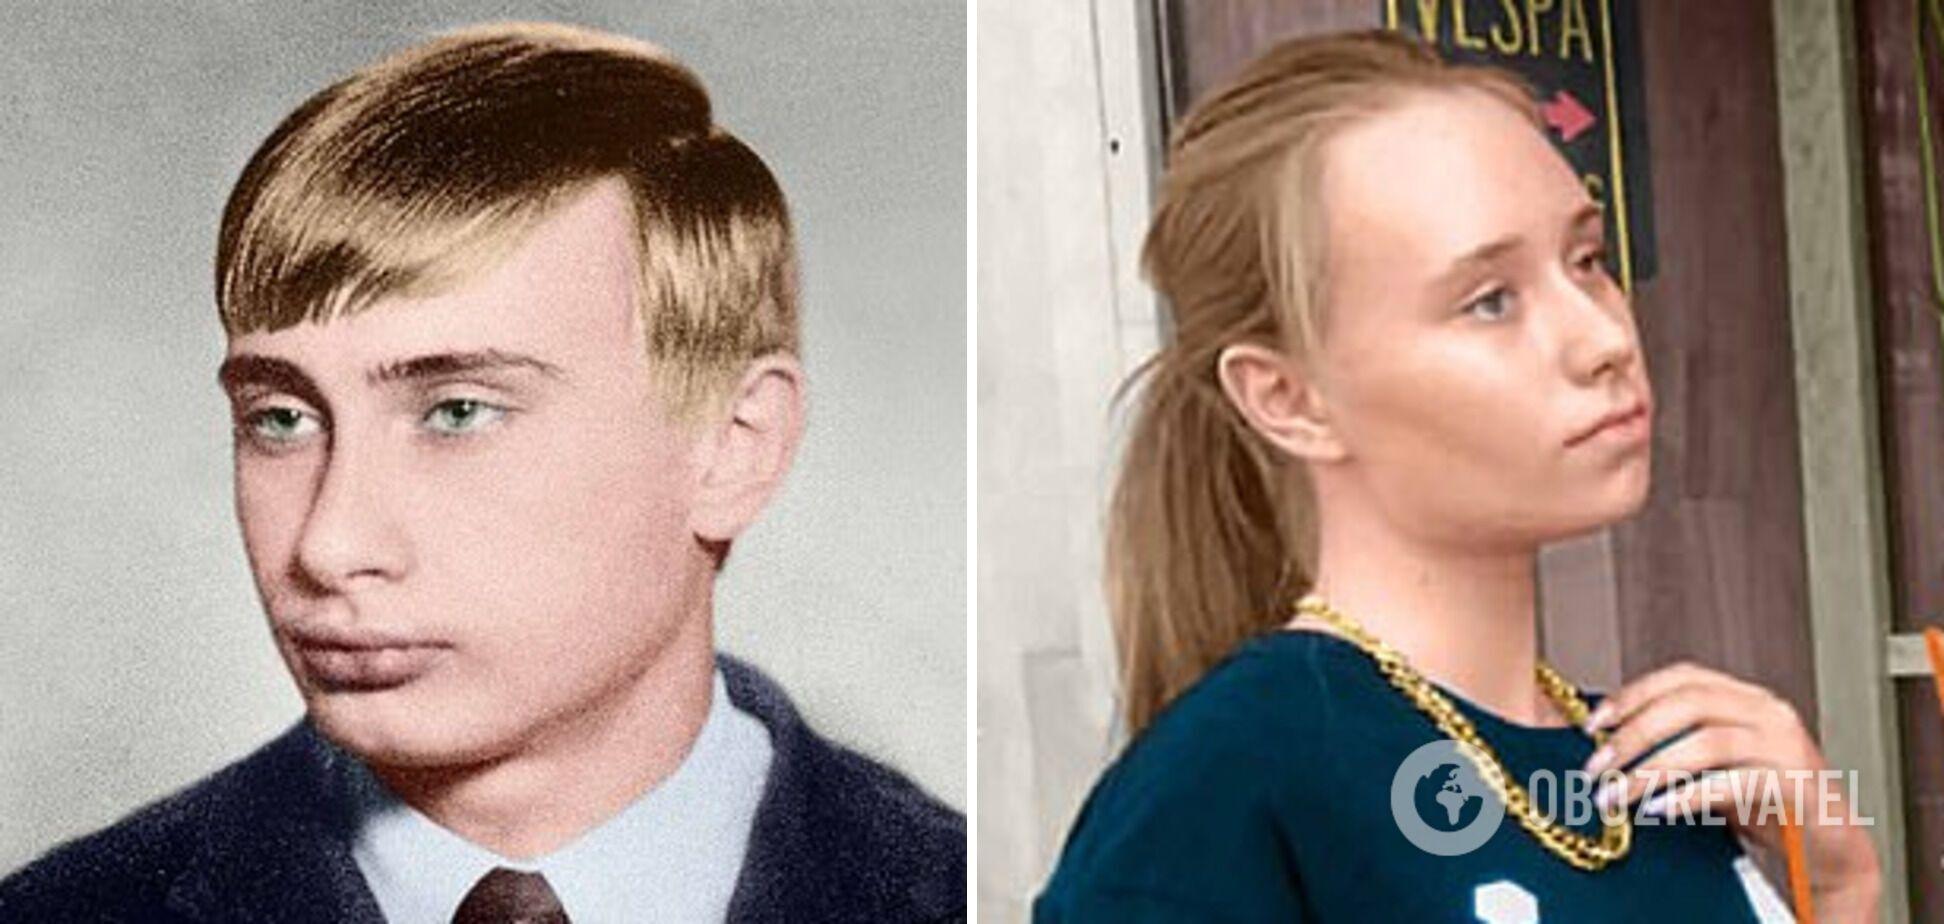 Владимир Путин в молодости и Елизавета Кривоногих